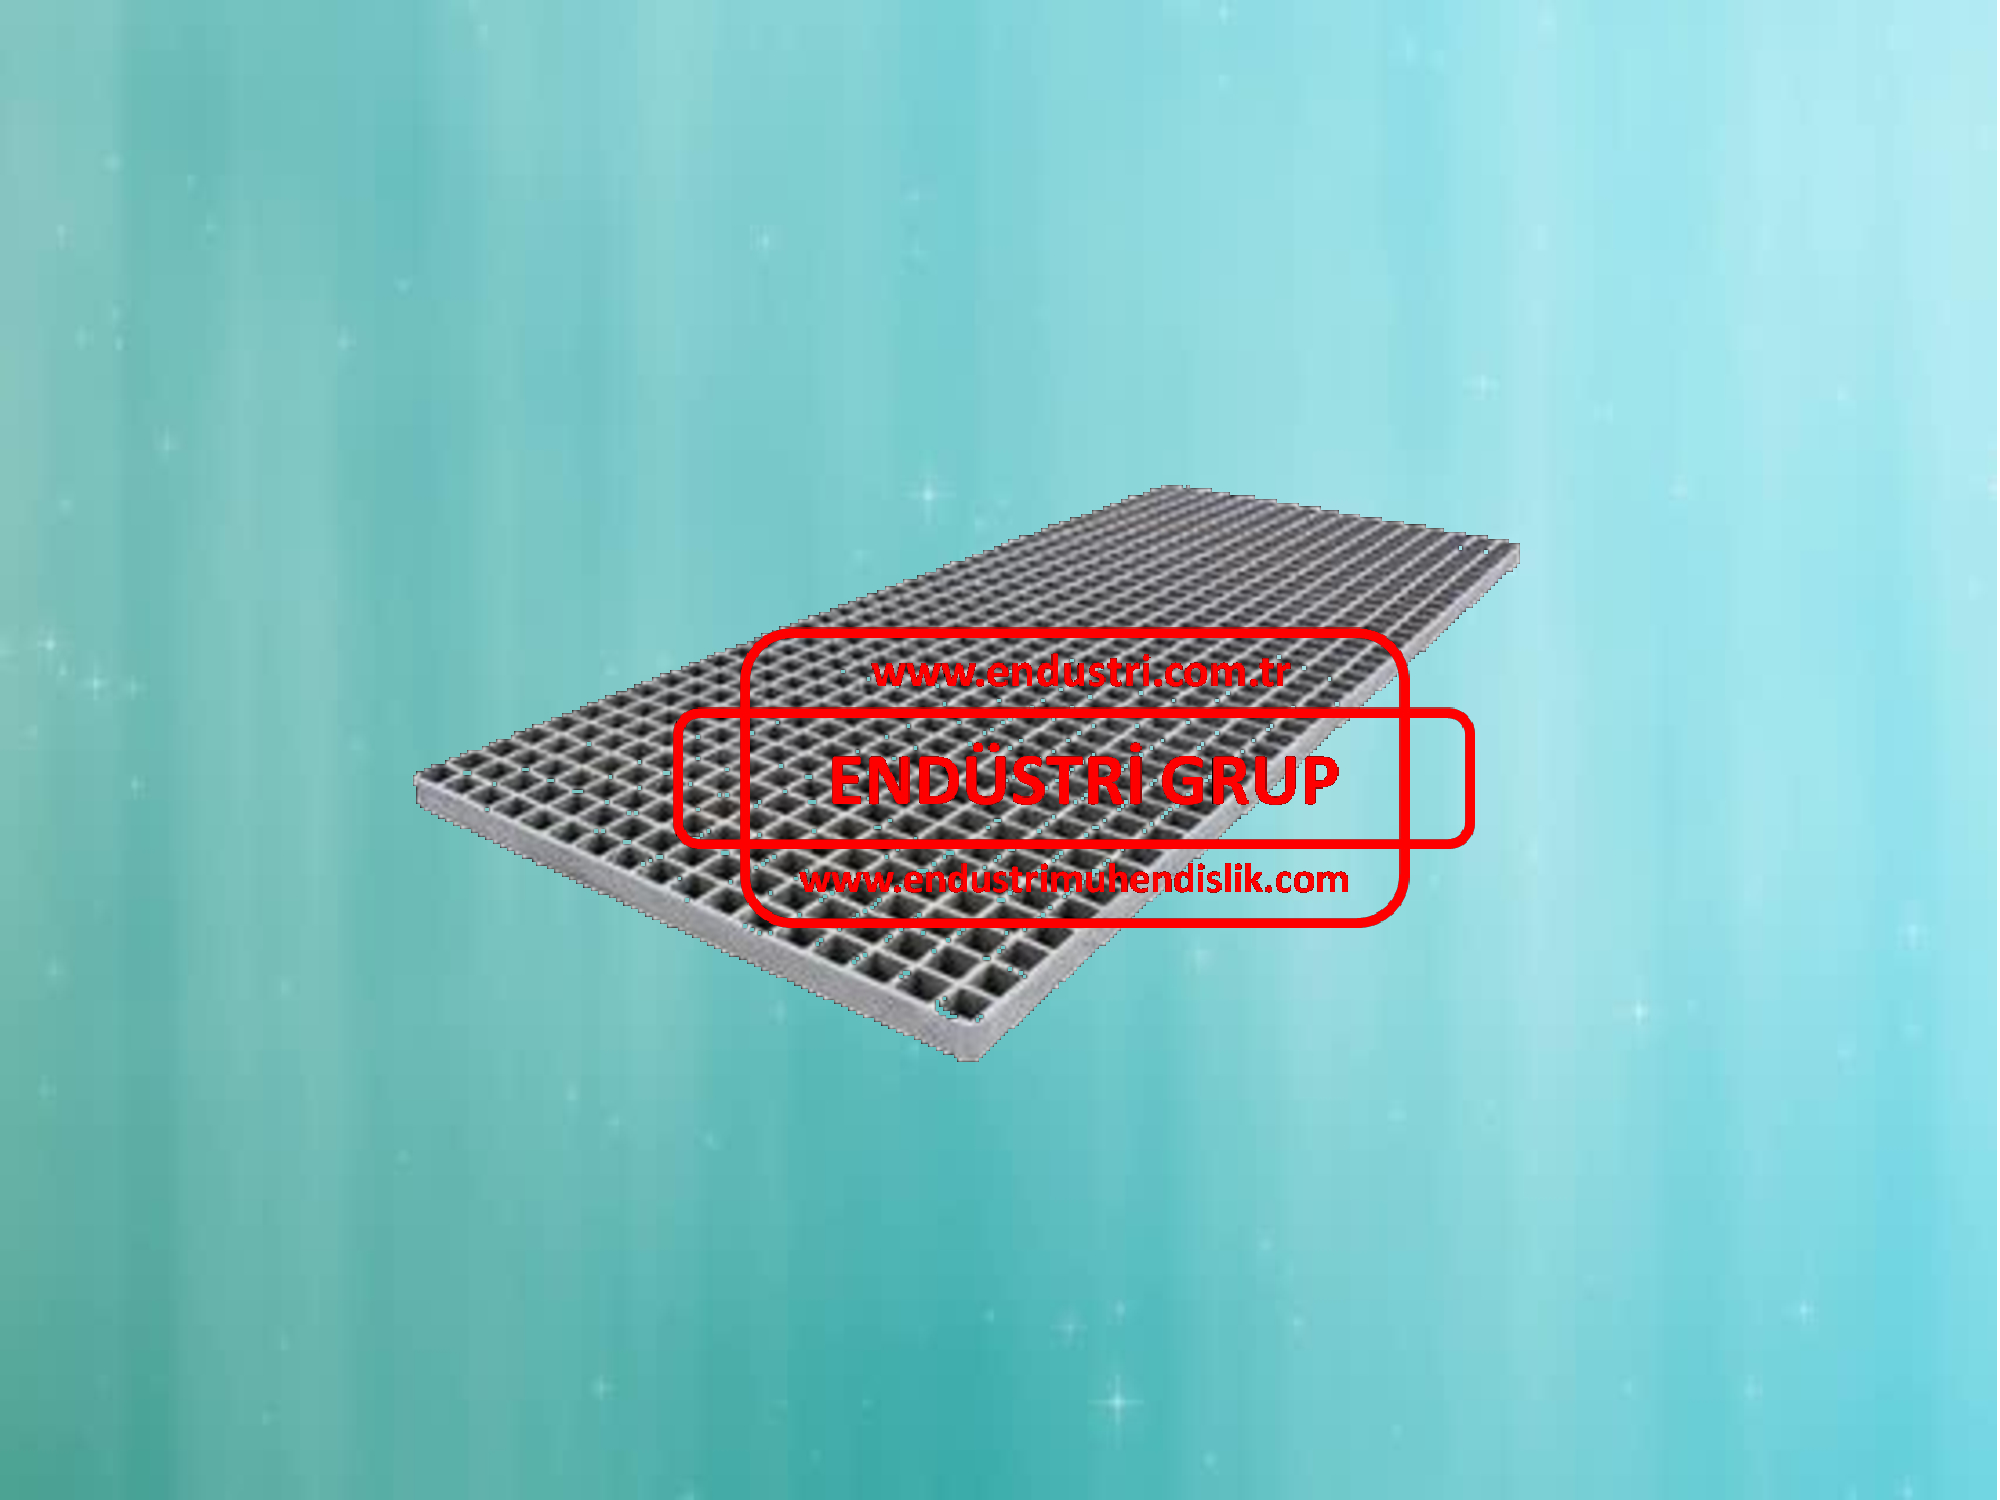 ctp-kompozit-plastik-kimyasal-platform-petek-basamak-izgarasi-yurume-yolu-izgaralari-fiyati-fiyatlari-imalati-asit-merdiven-basamagi-fiber-glass-frp-molded